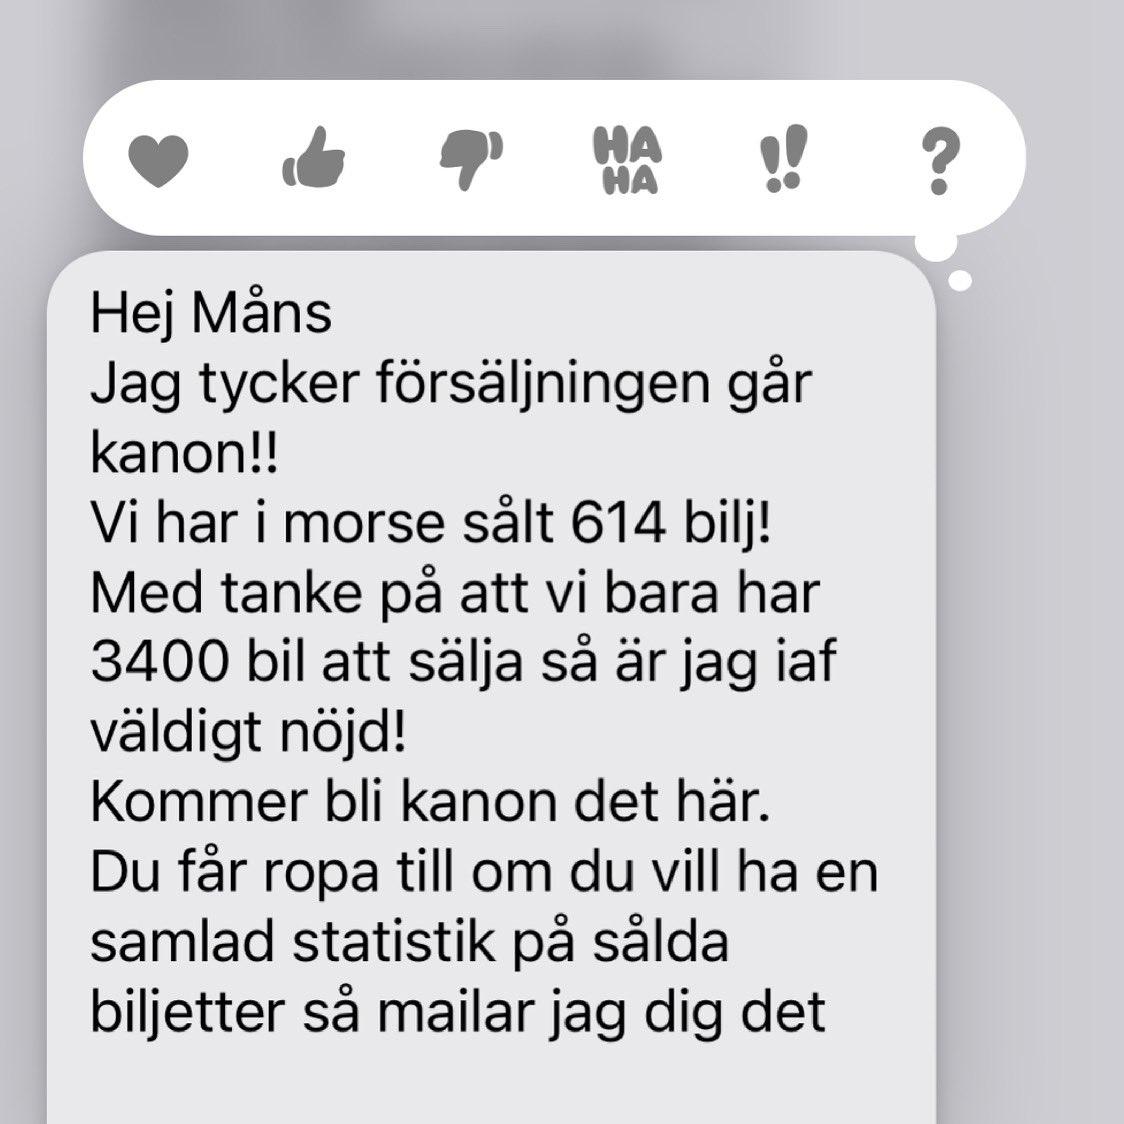 Hallå ! Igår släppte vi biljetterna - jösses vad folk handlade! Kul💥💥💥. Det blir inga extraföreställningar ( över hälften av plåtarna i Eskilstuna har sålts redan) så haffa på https://t.co/jx06Zr50Tx Varmt välkomna❤️ https://t.co/uWcVBEXyyC